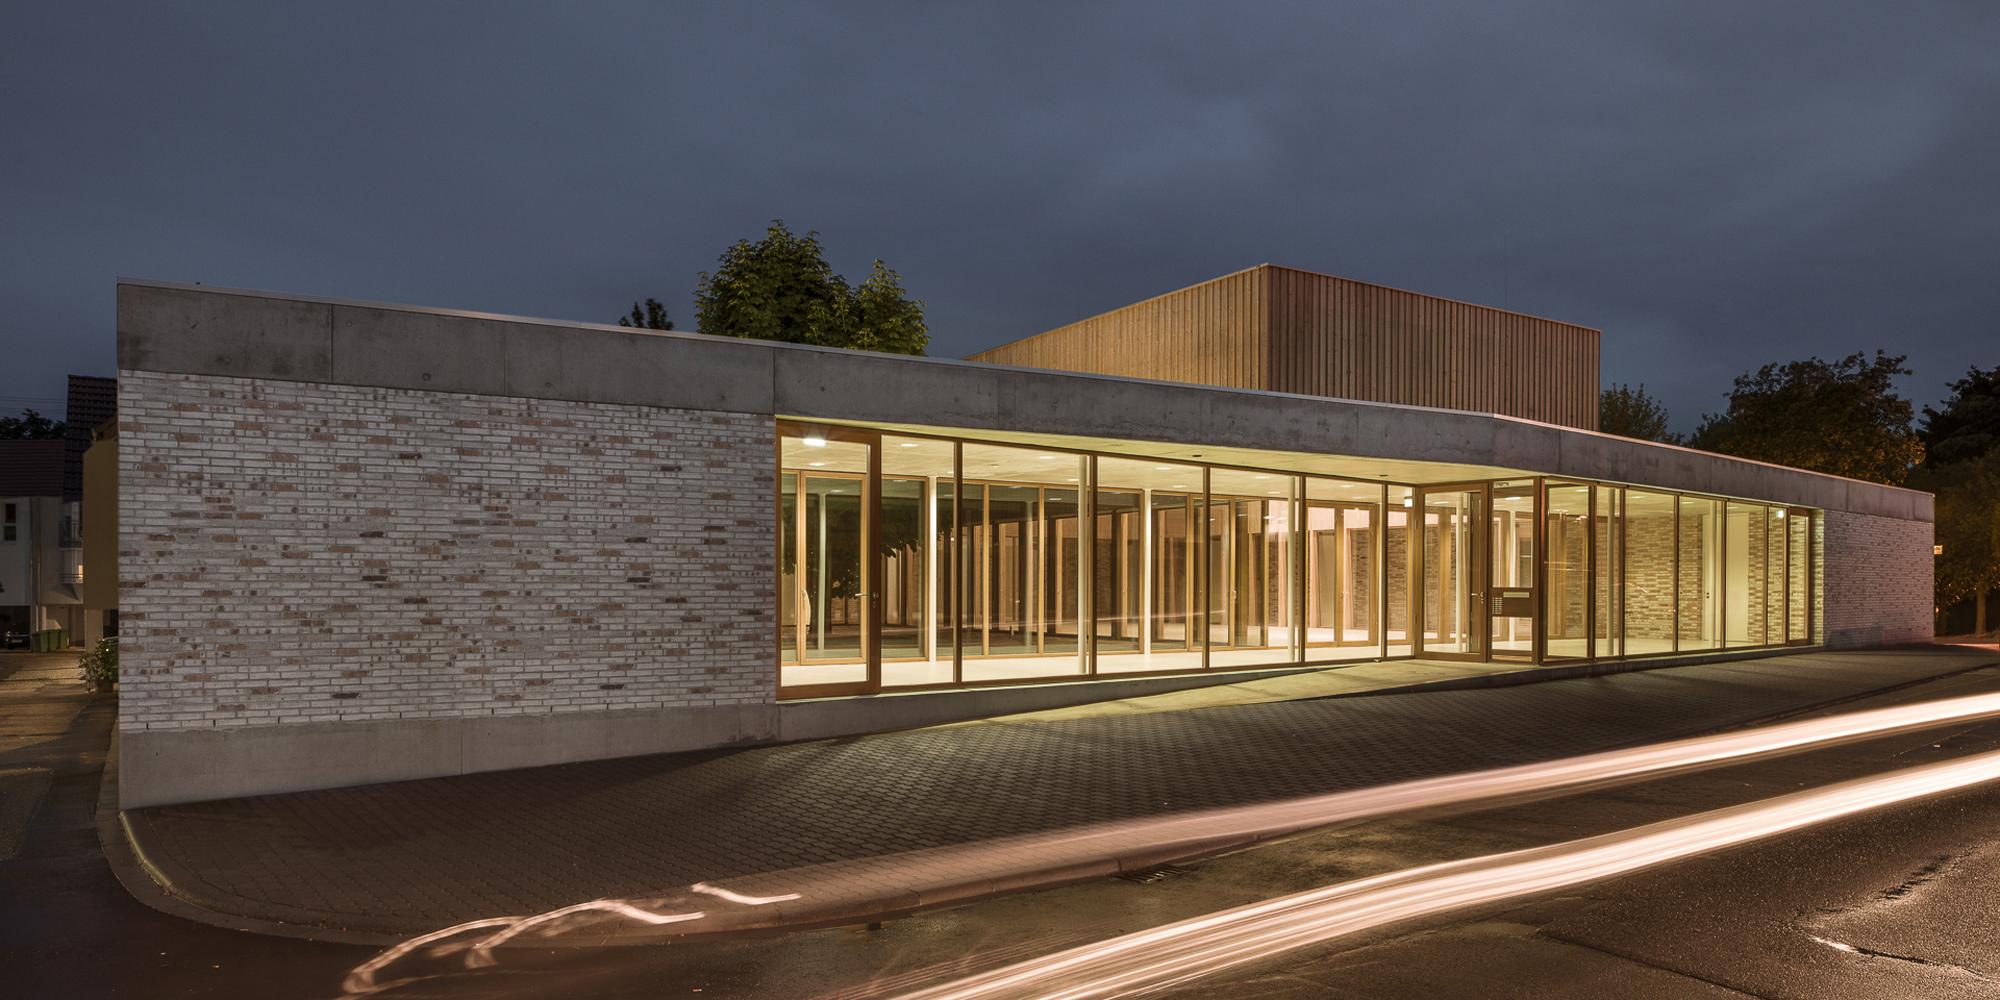 Gemeindezentrum Petrusgemeinde Wiesloch Waechter + Waechter